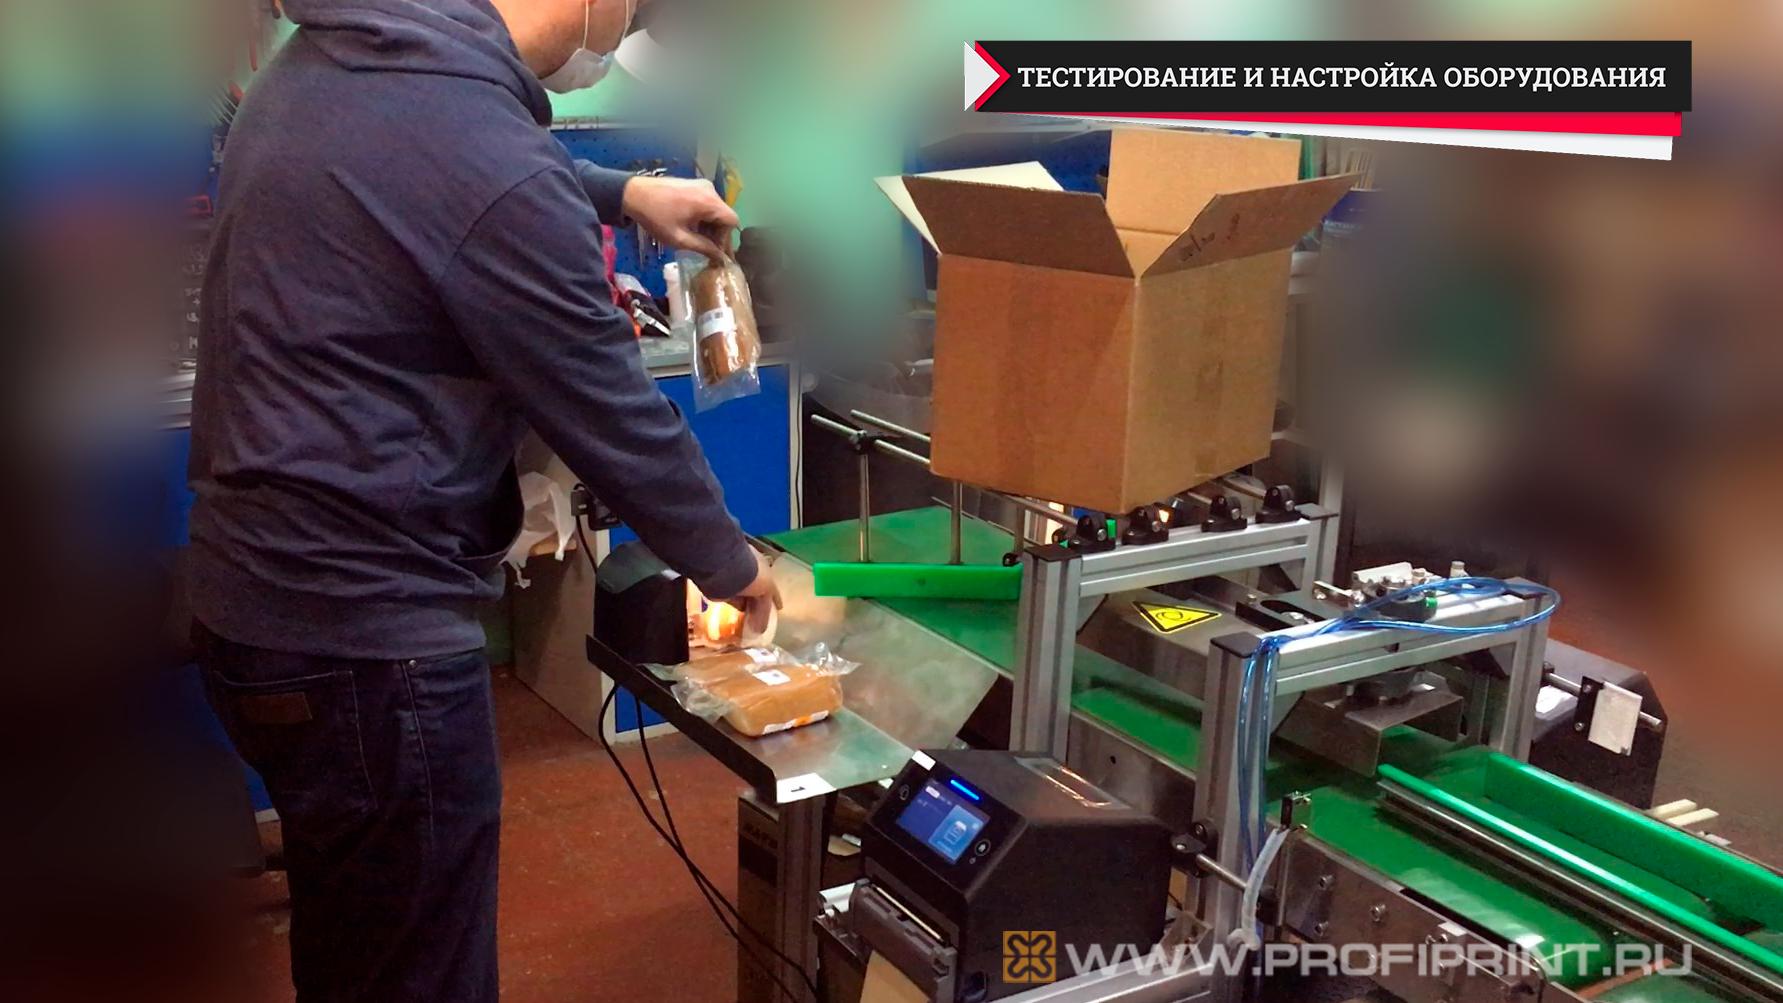 Сканирование продукции и упаковка